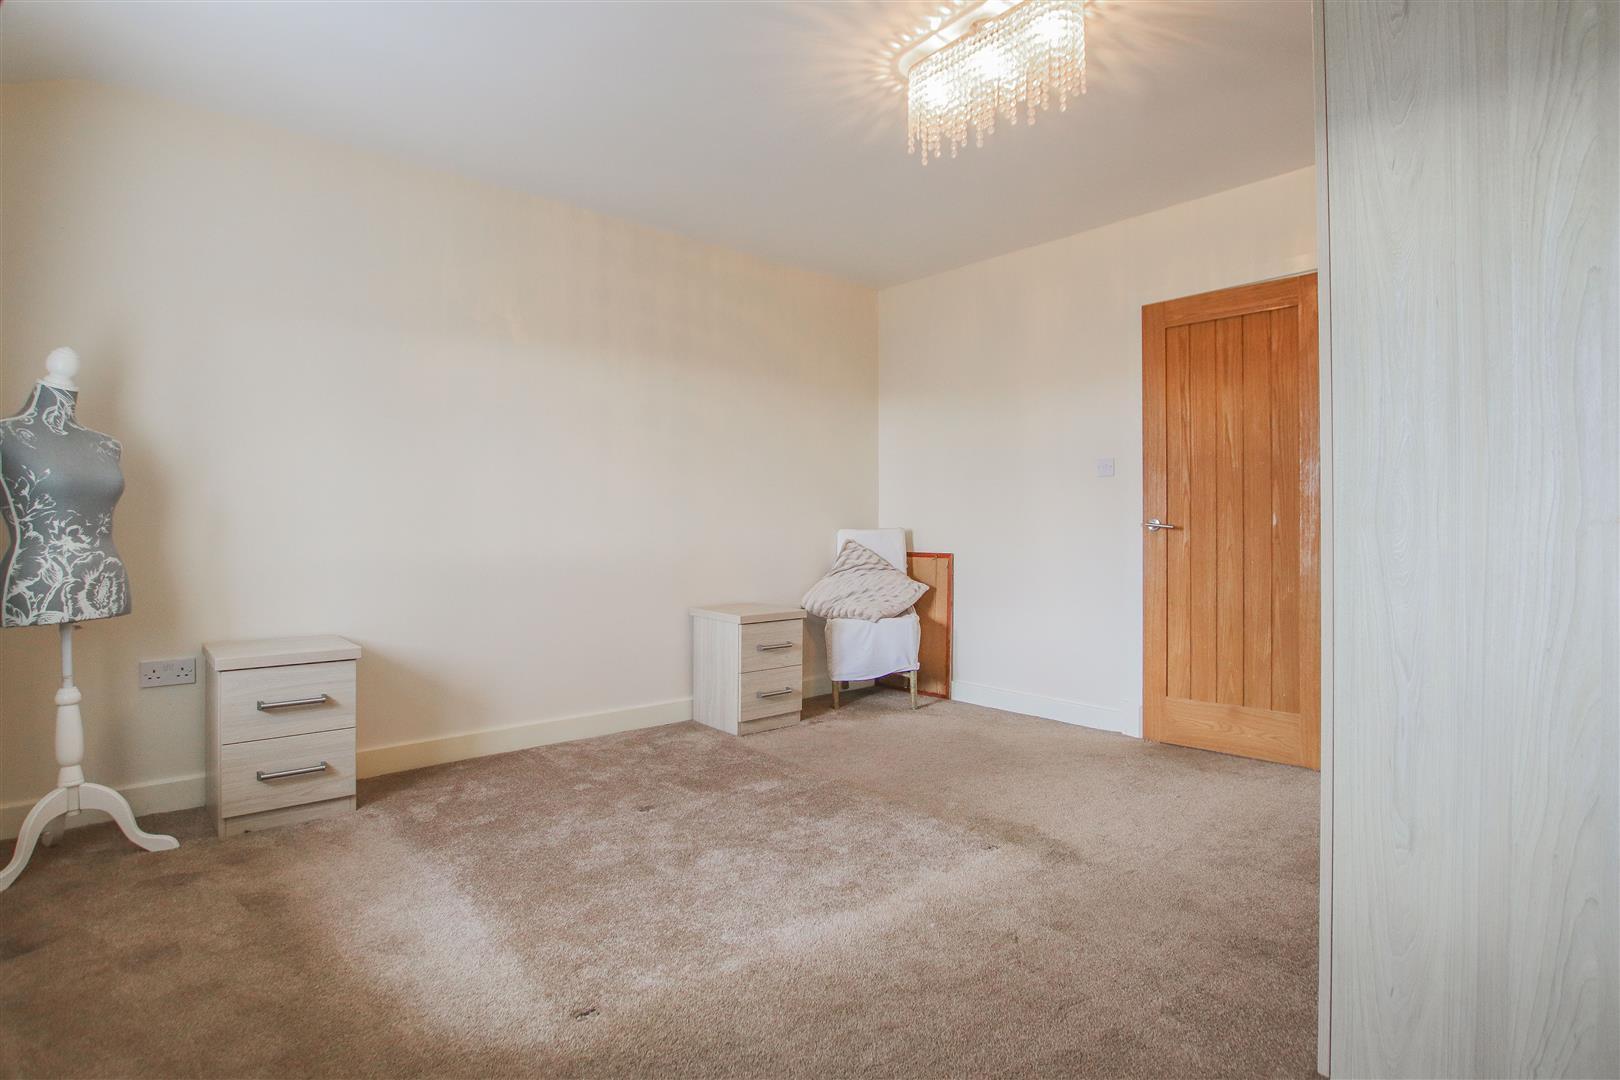 4 Bedroom Farmhouse For Sale - 22.JPG